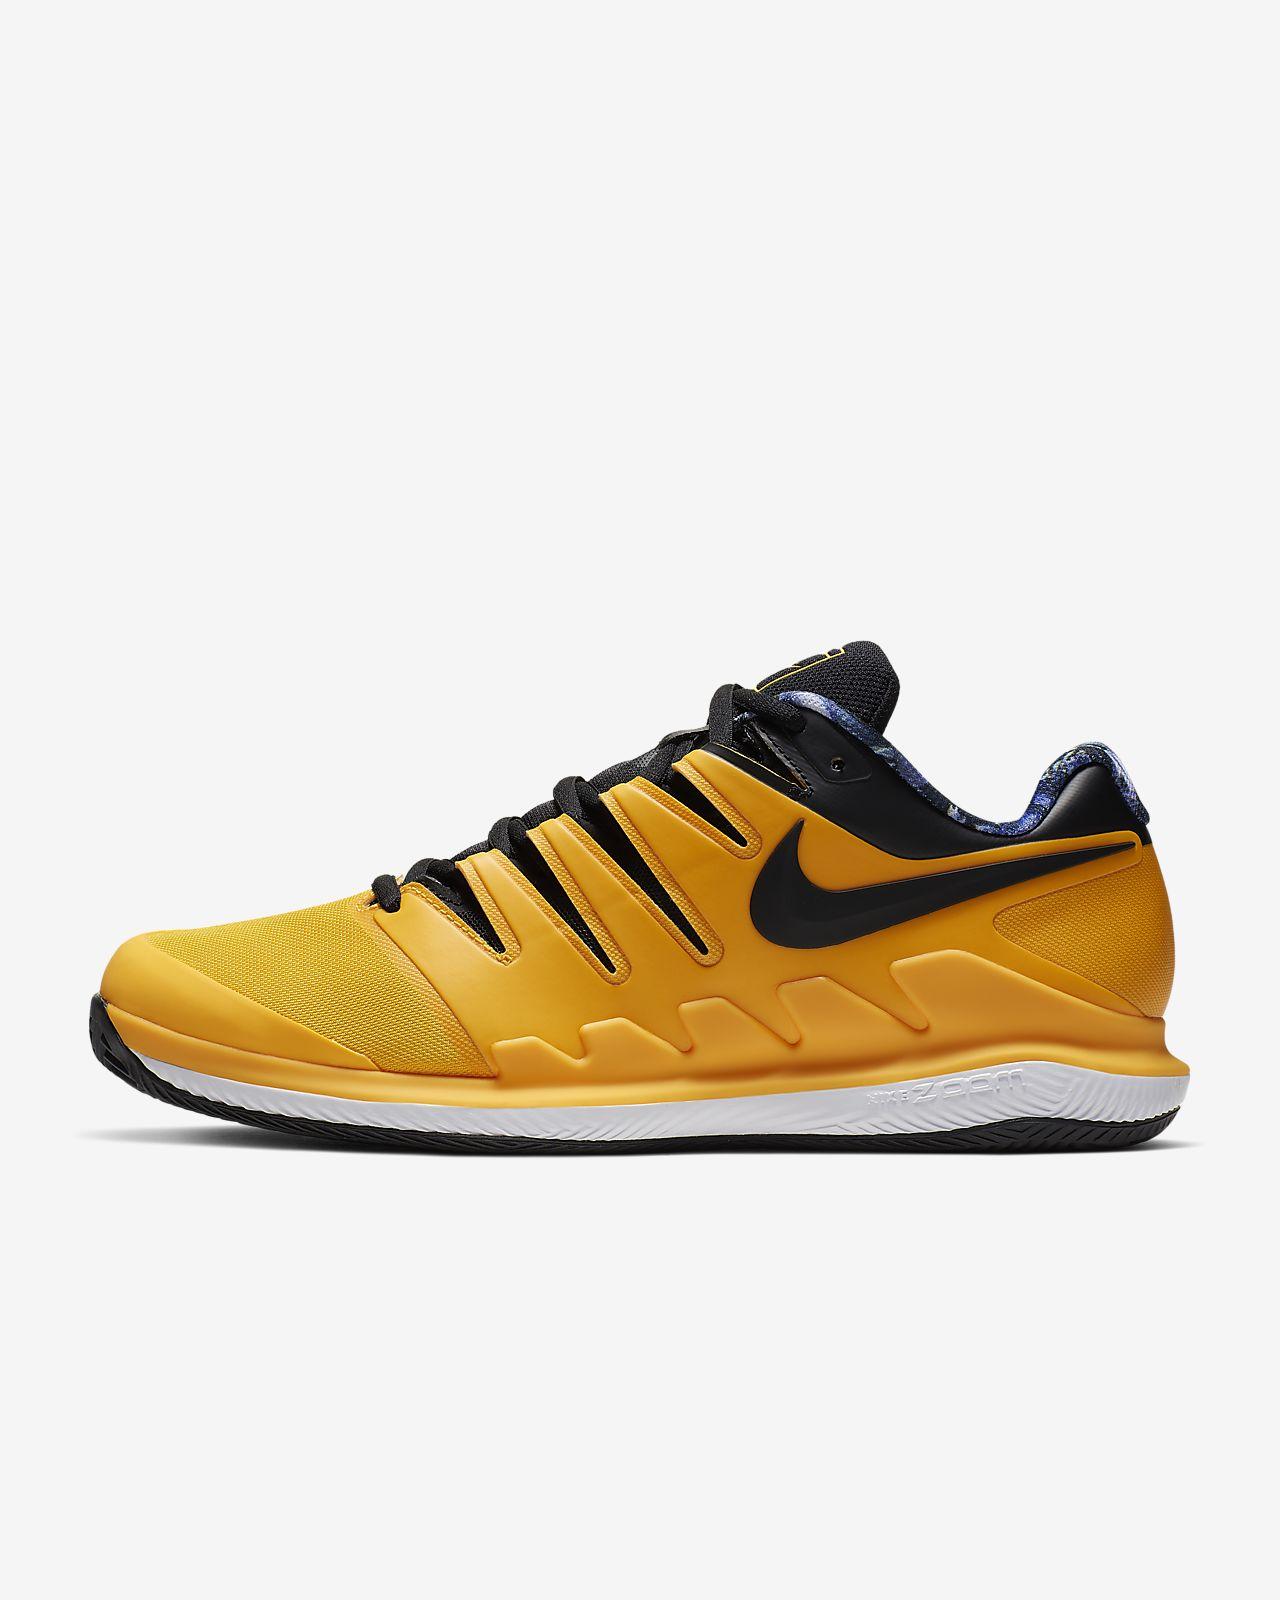 NikeCourt Air Zoom Vapor X Tennisschoen voor heren (gravel)